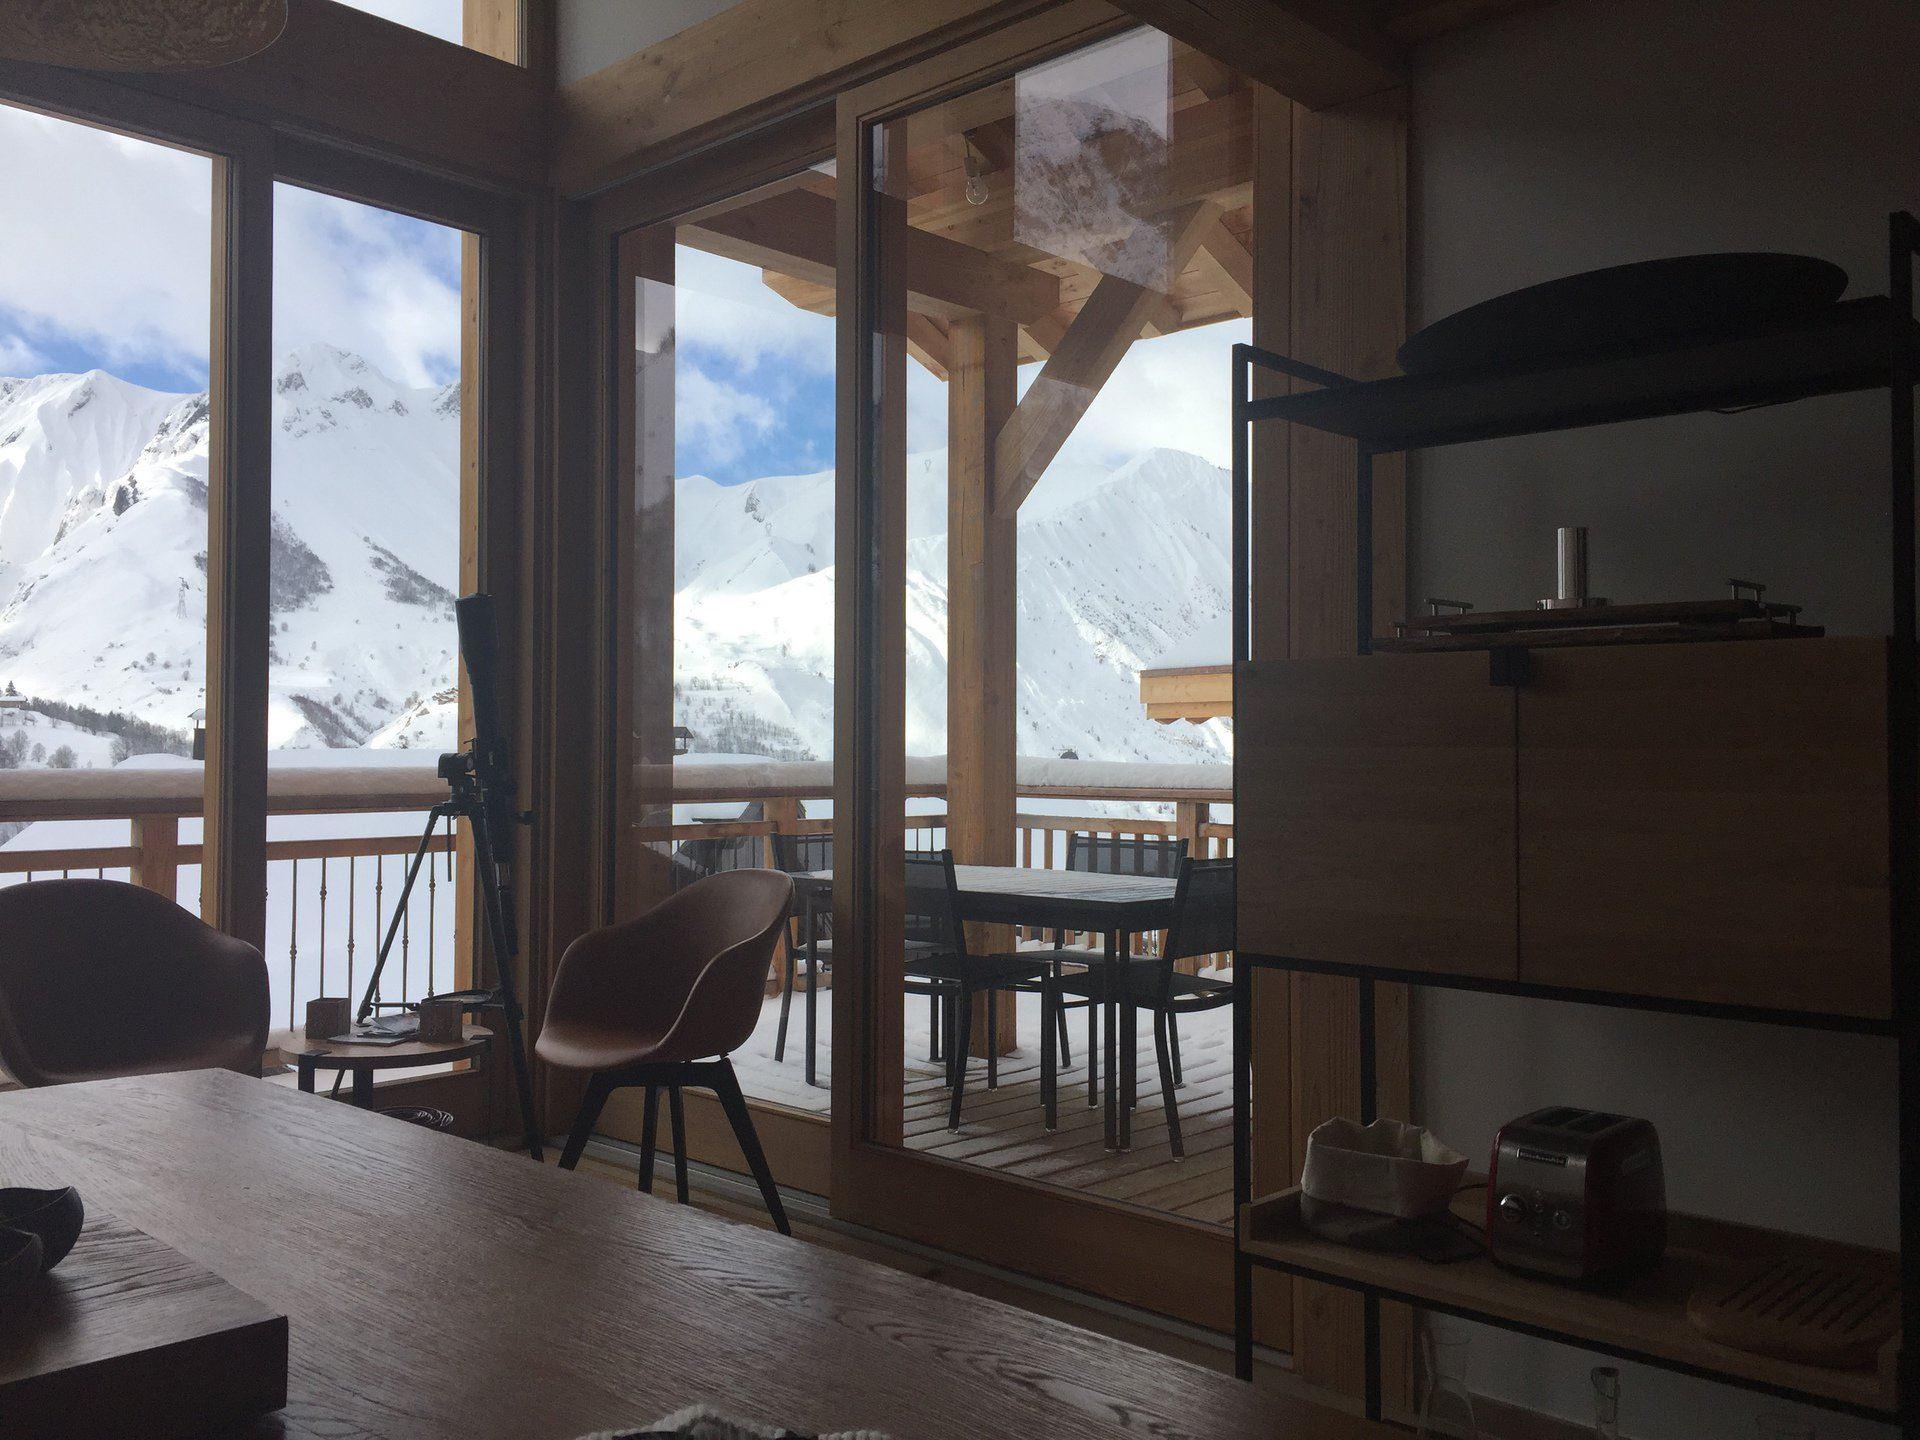 6 Pièces 10 Pers skis aux pieds / CASEBLANCHE C23